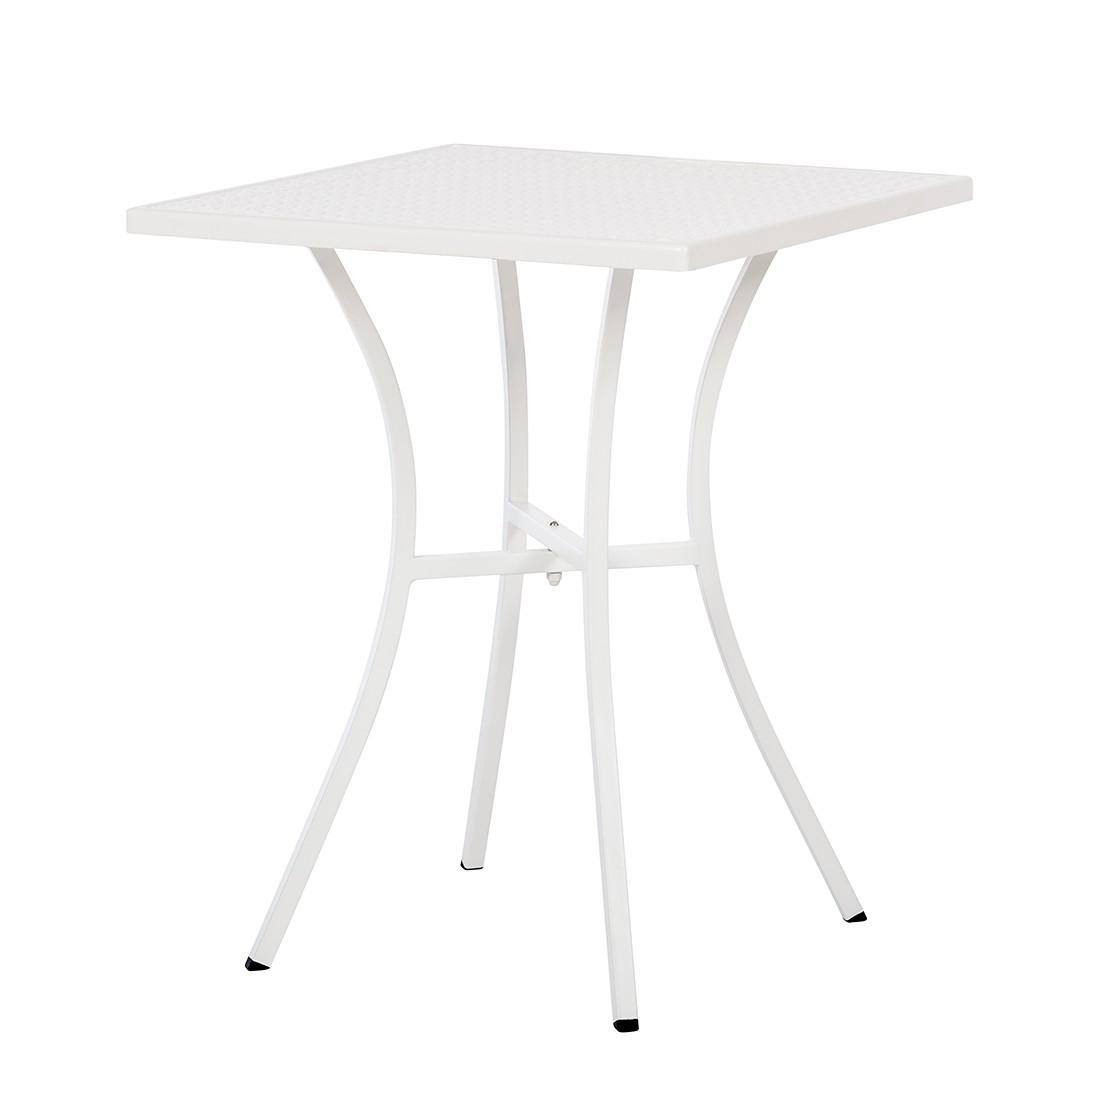 Gartentisch Pini - Metall Weiß, Garden Guerilla